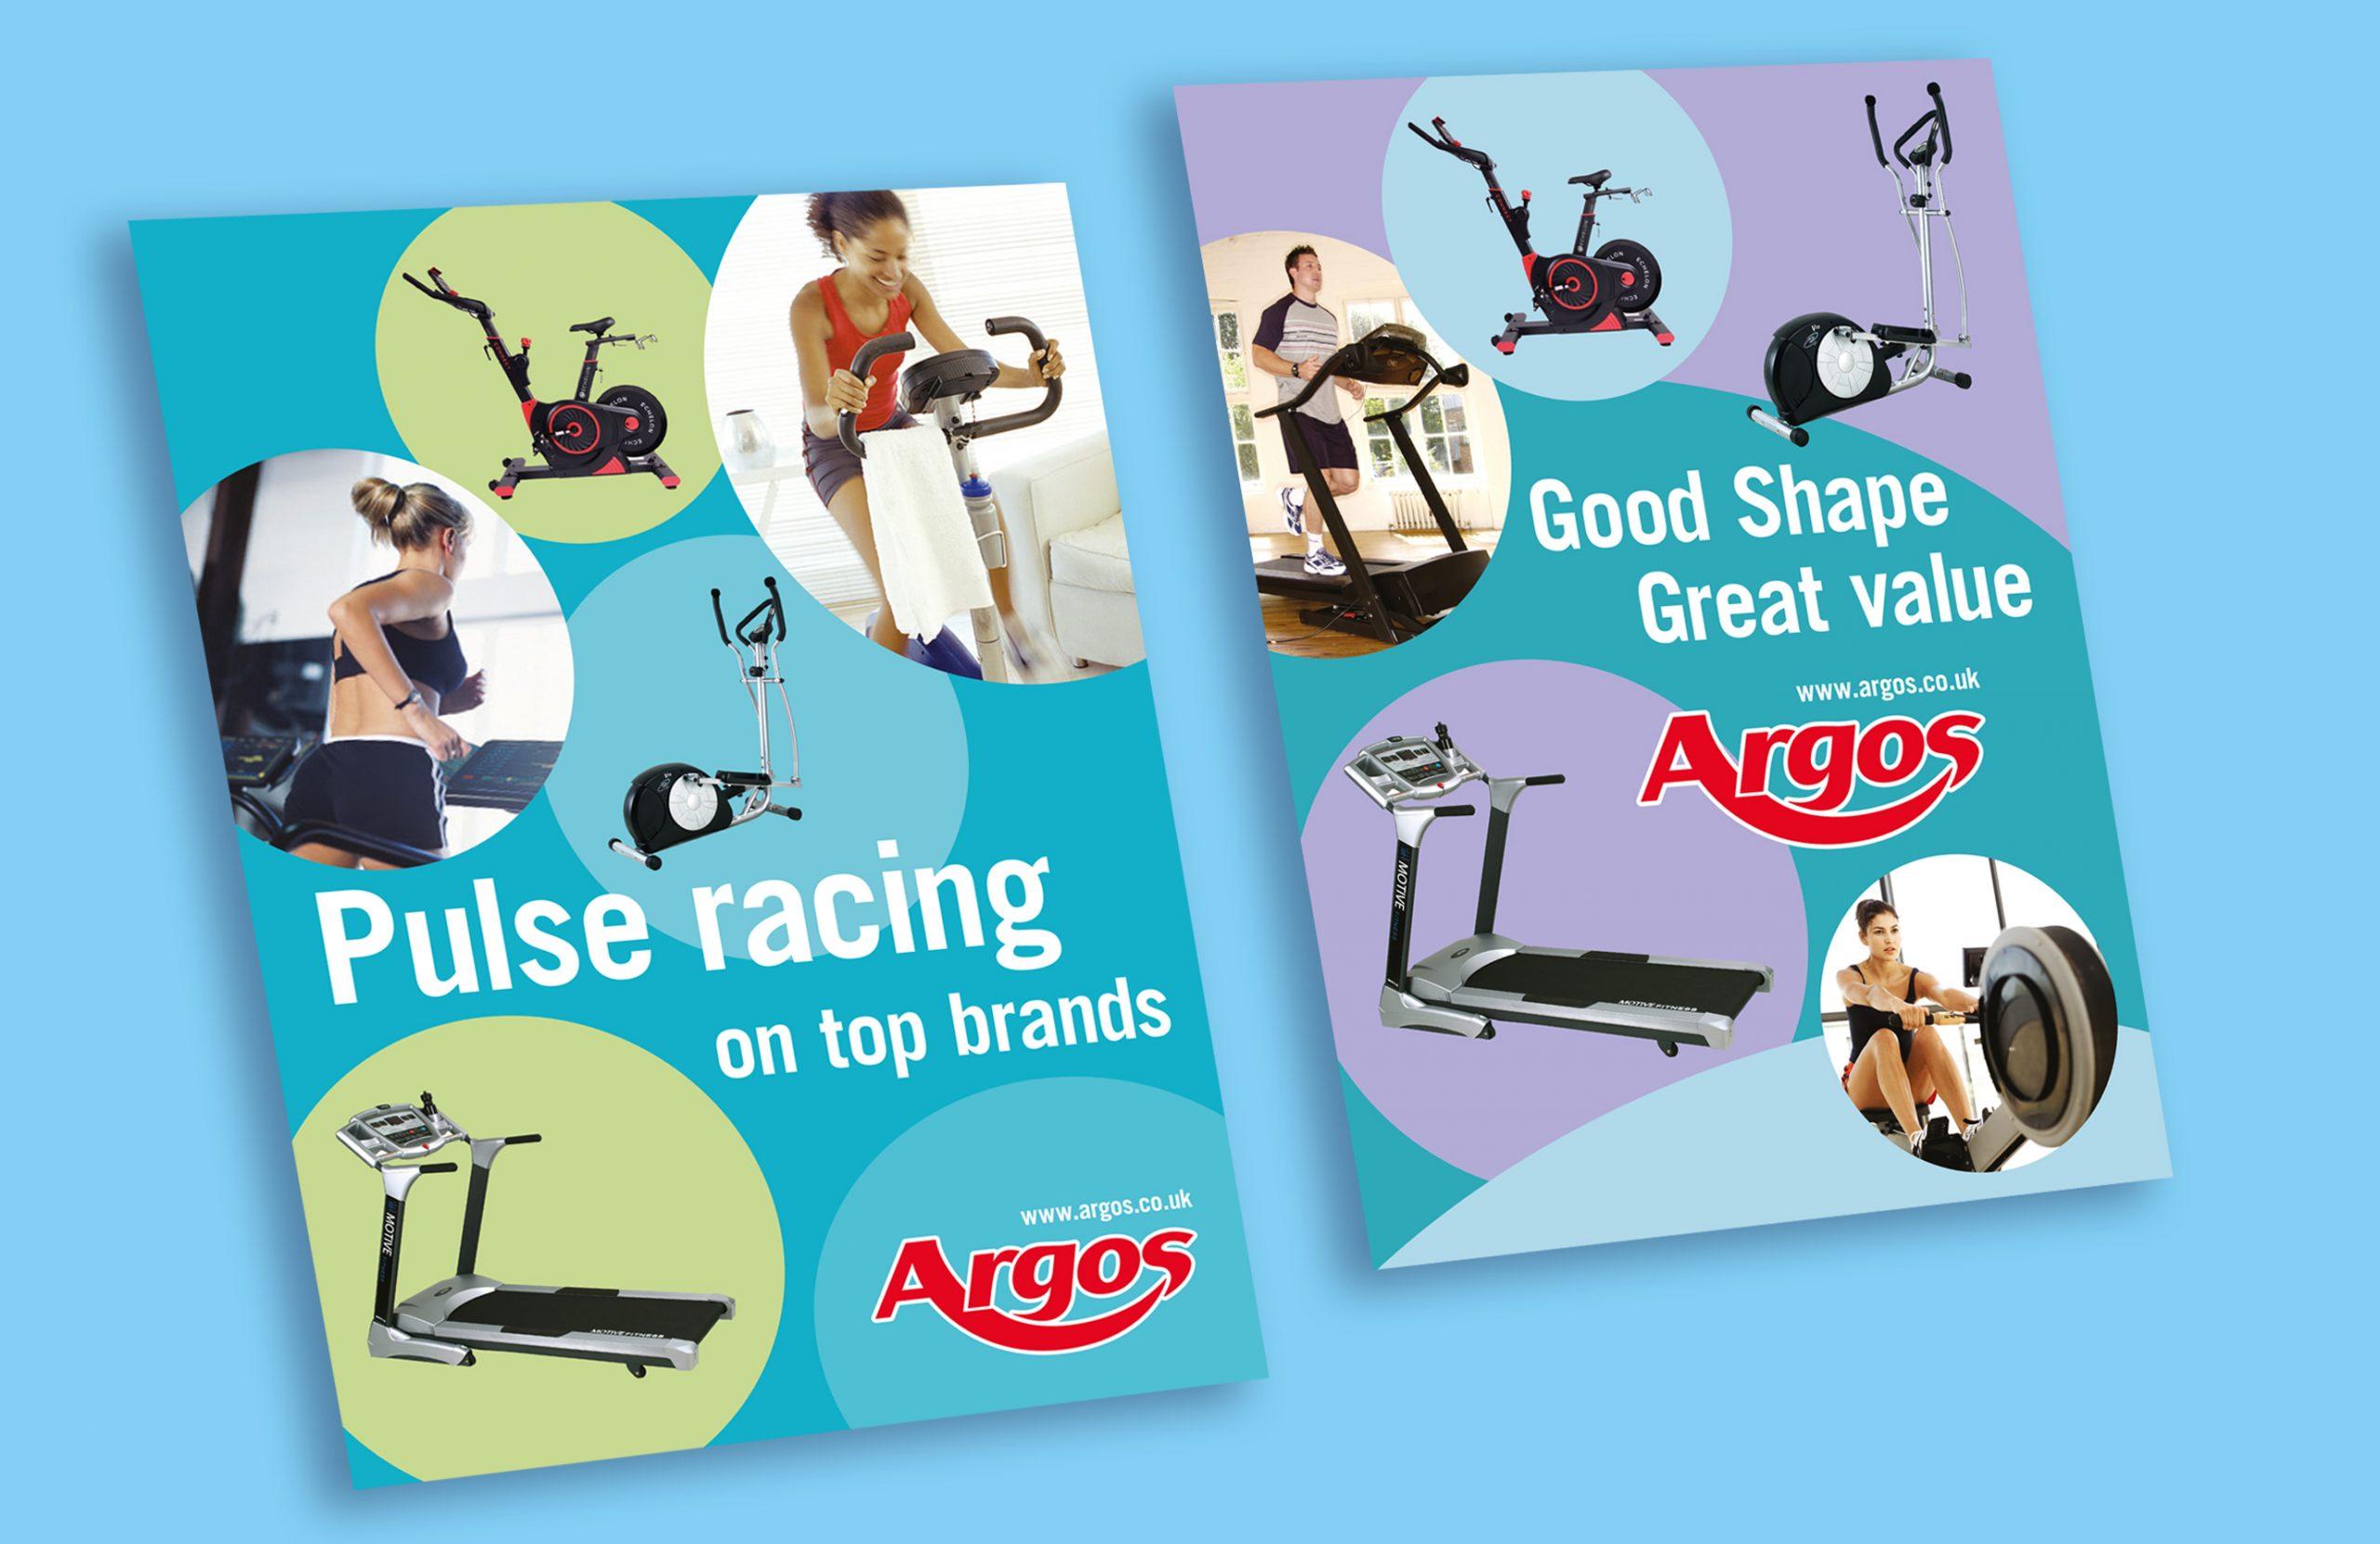 Argos Catalogue Design